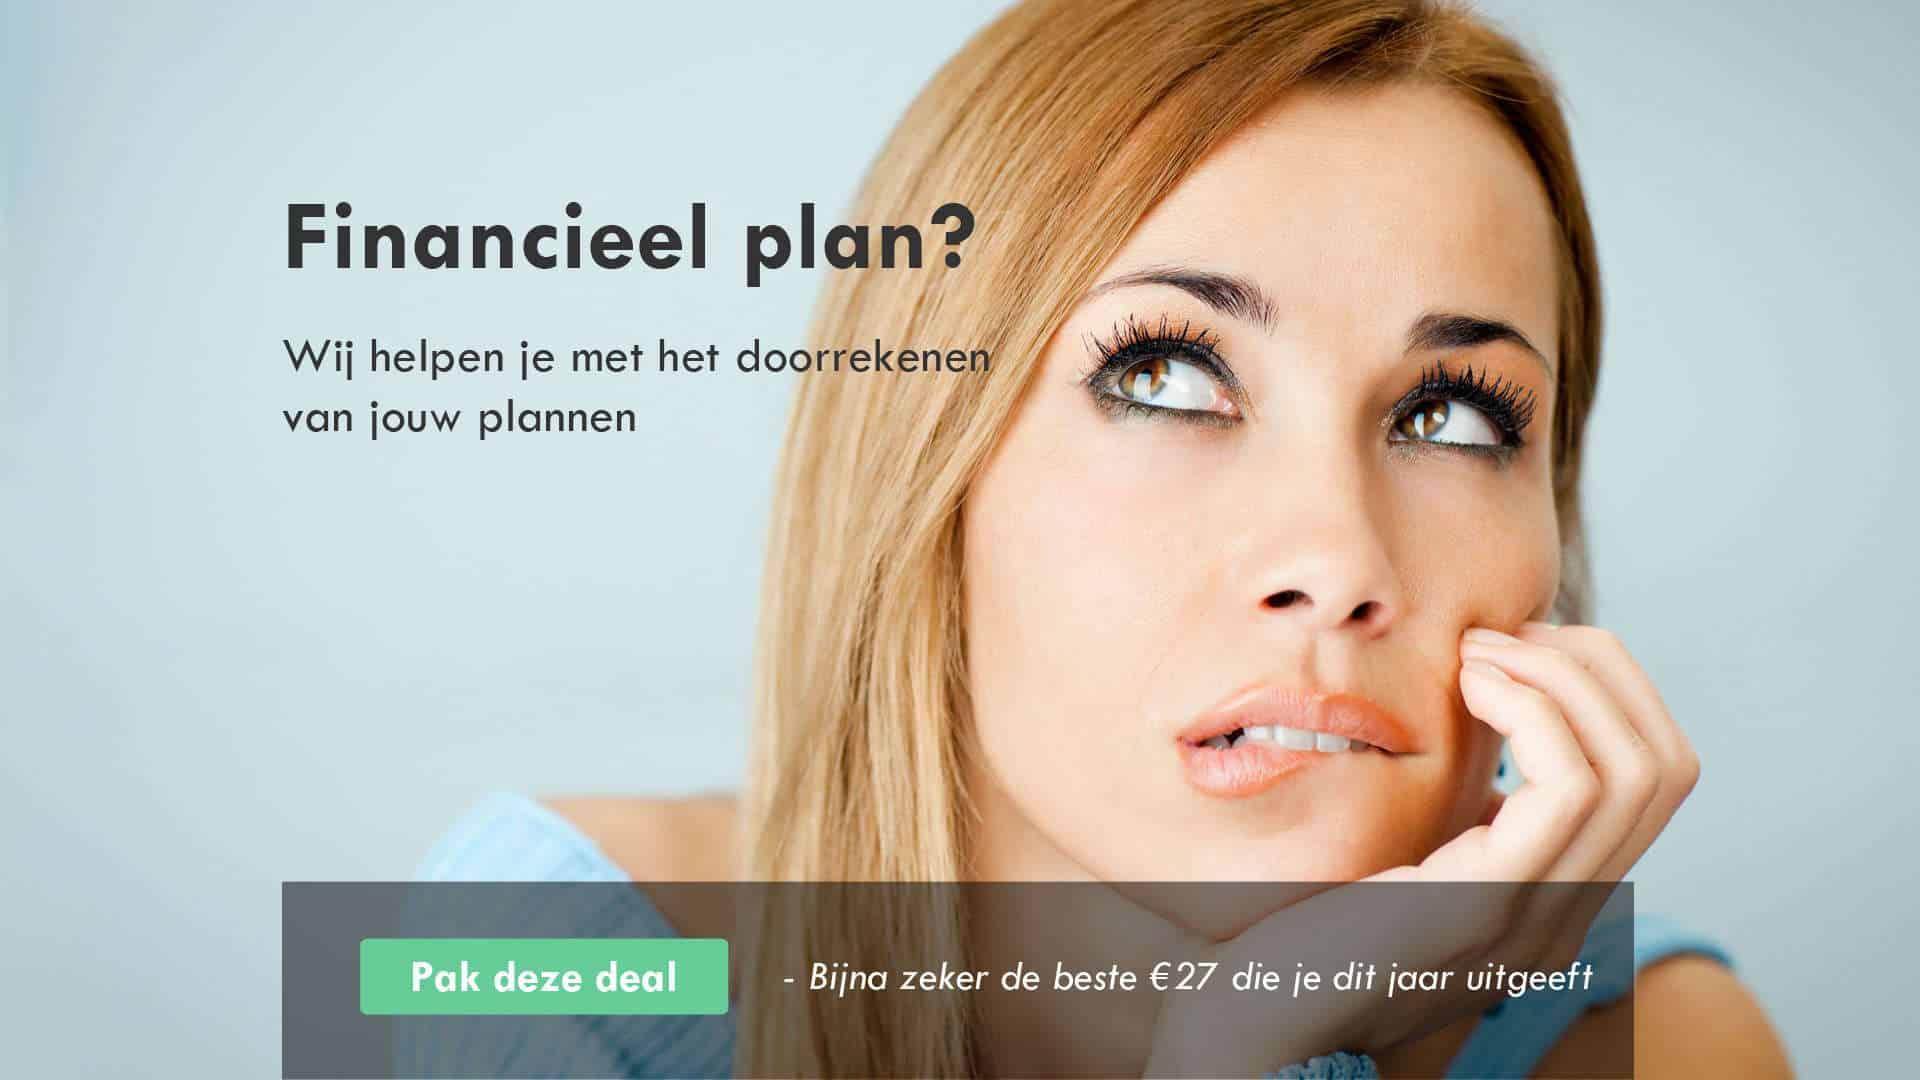 Financieel plan opstellen?